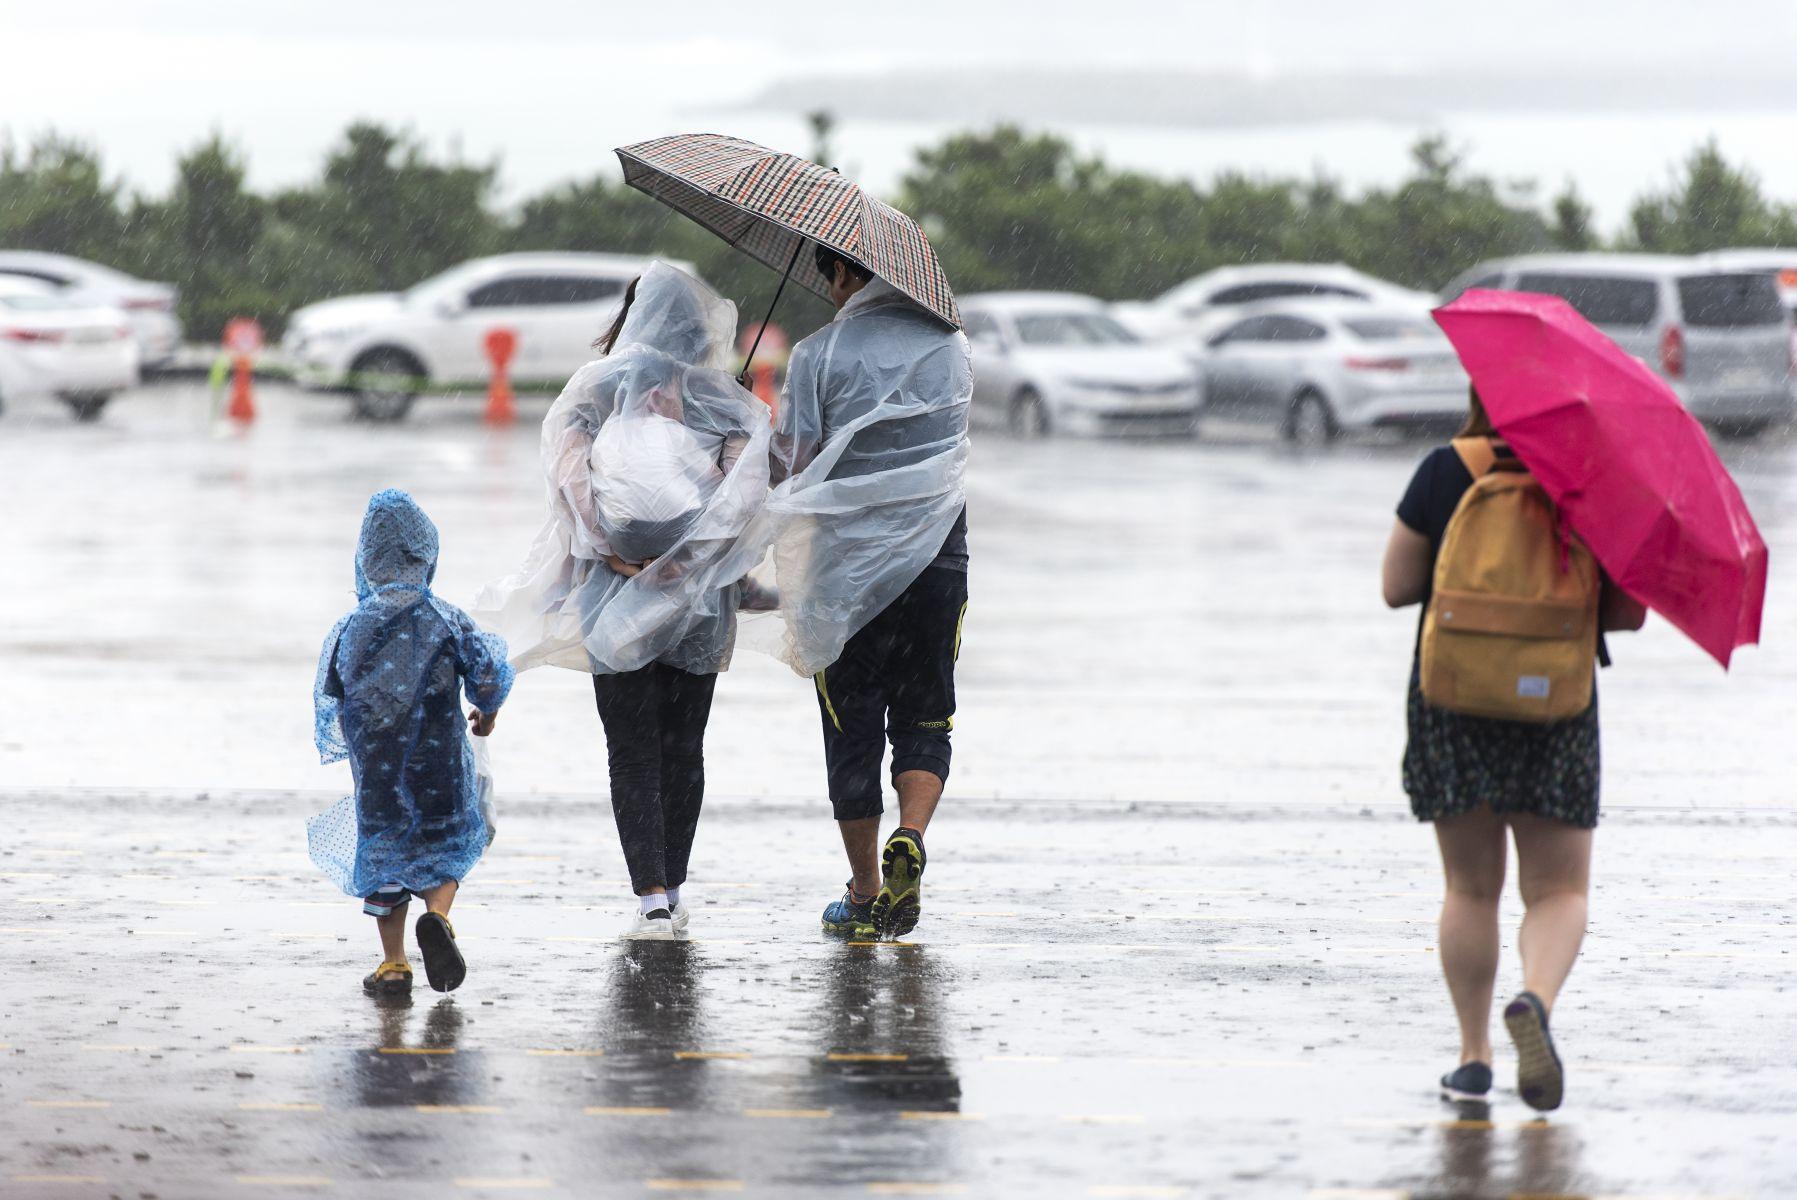 颱風來了,風雨太大我可以不上班嗎?